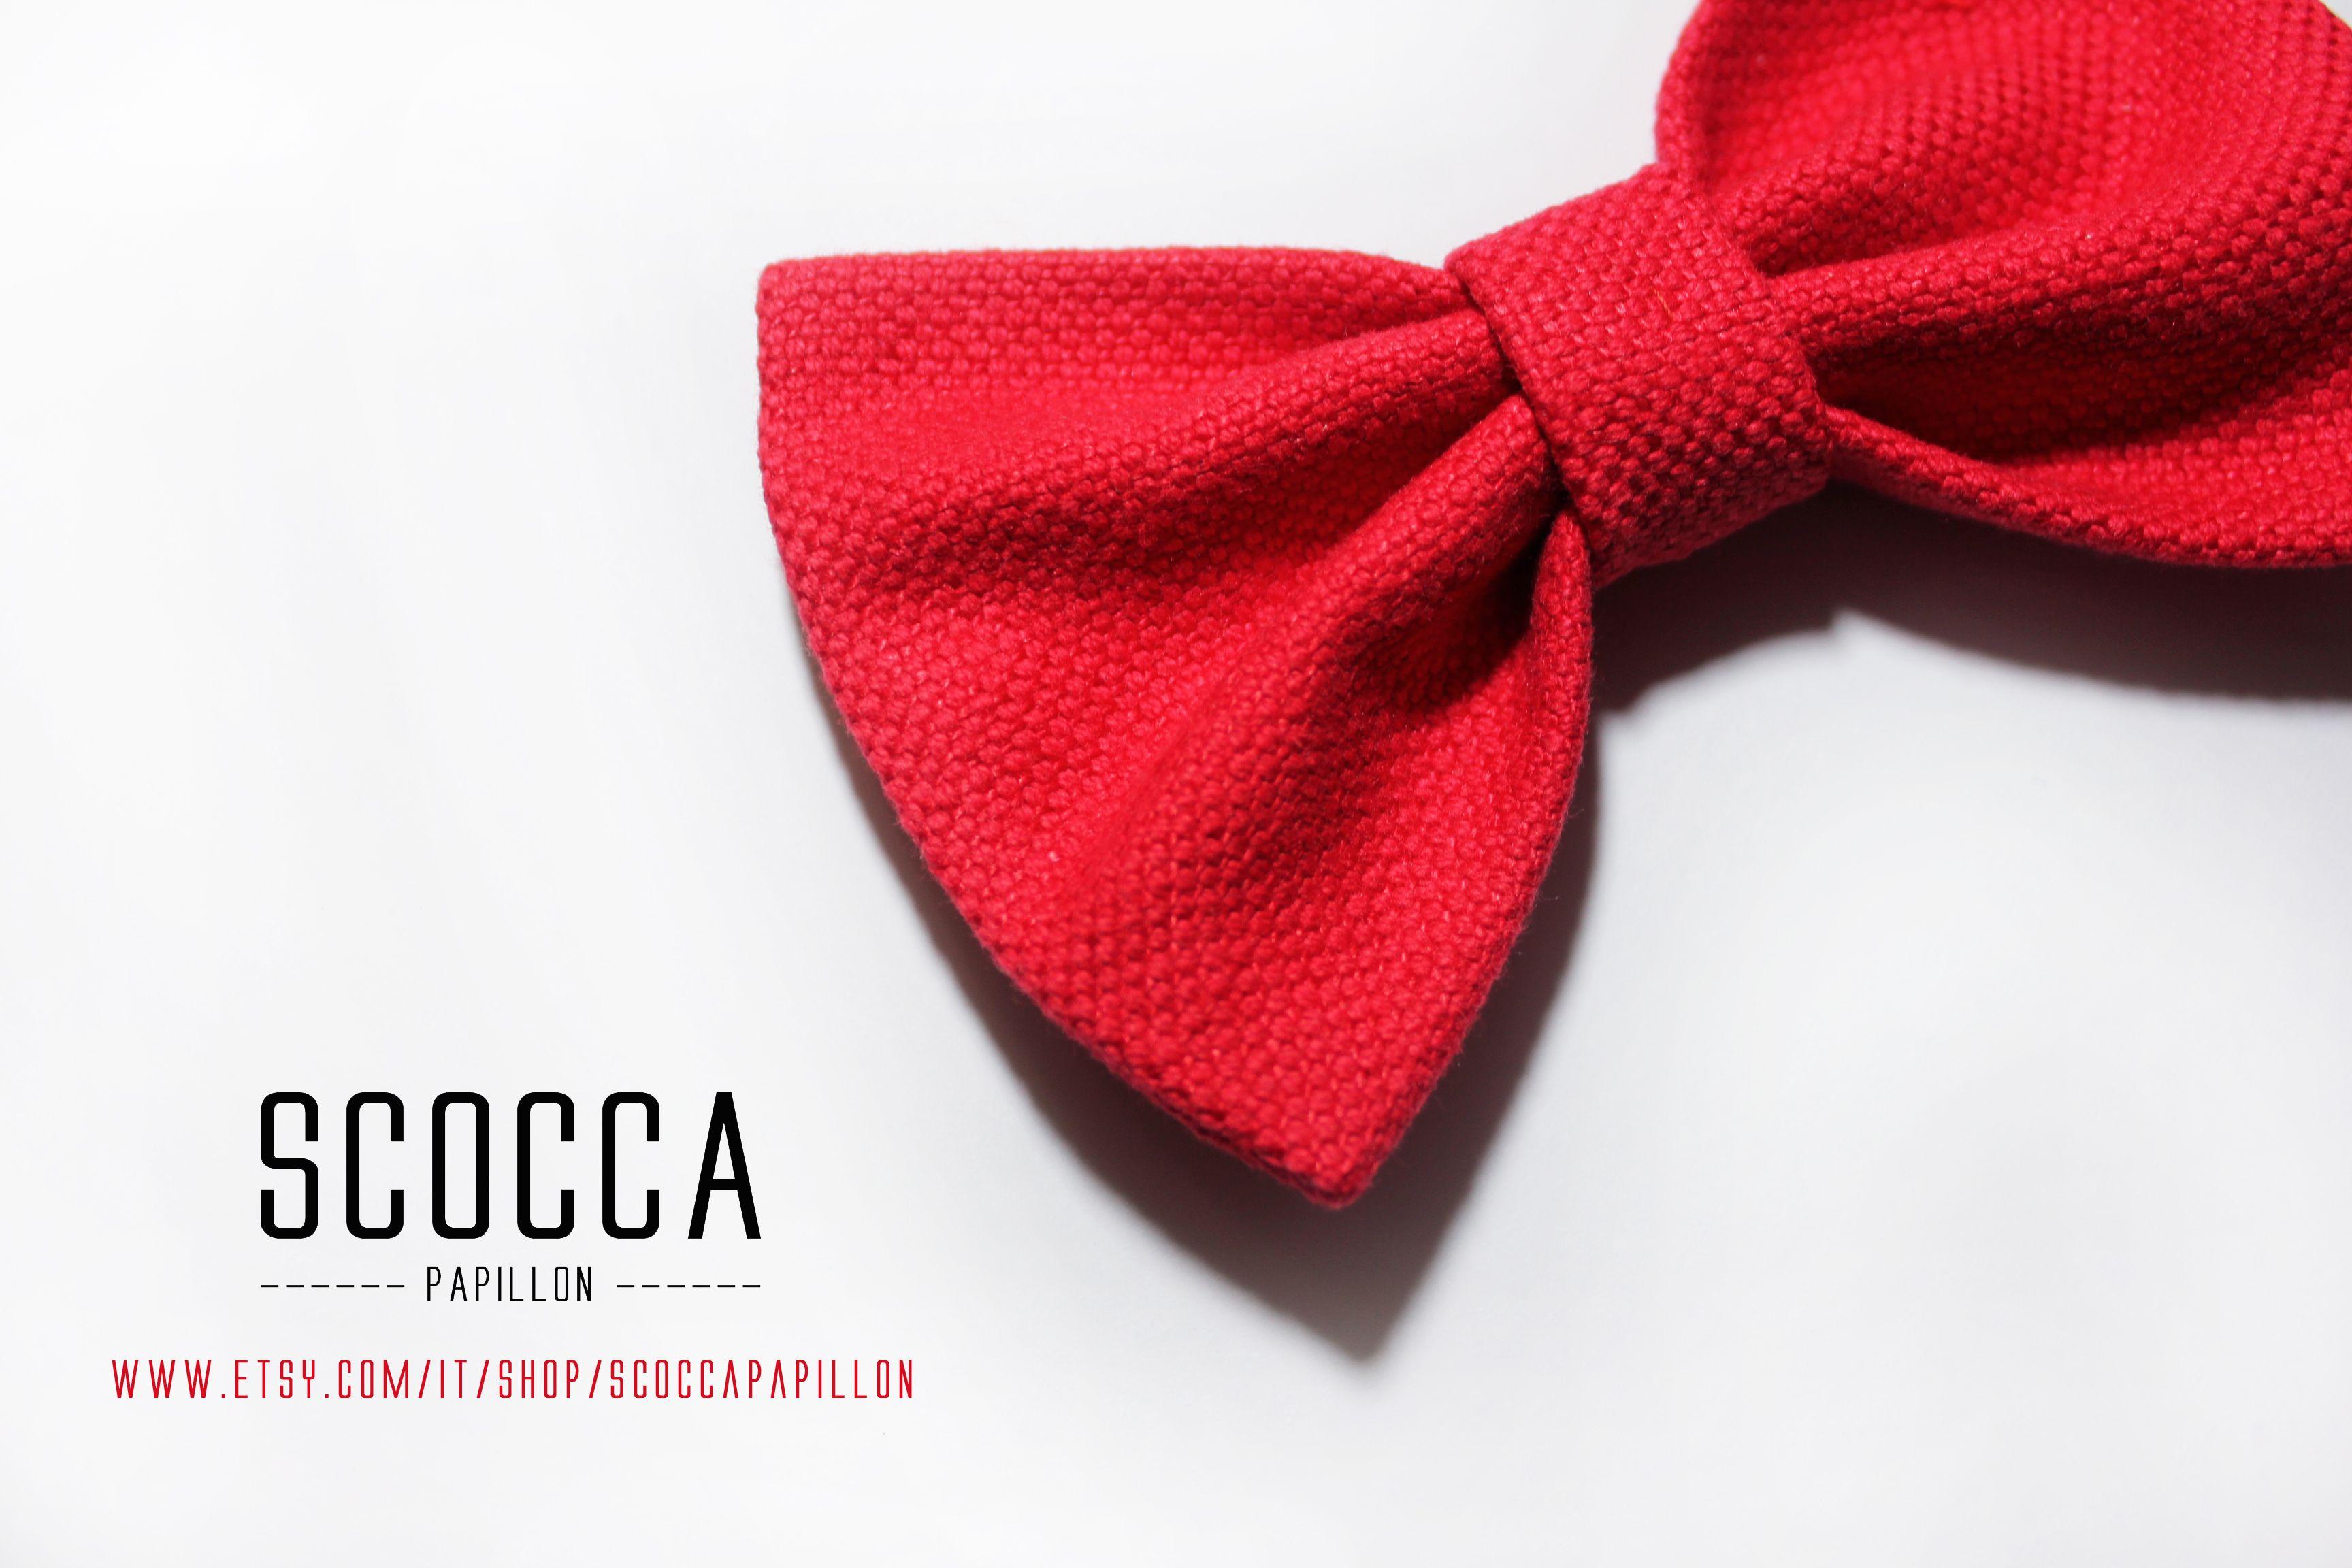 Scocca Papillon - www.etsy.com/... - @Etsy - #bowtie #papillon #men #mens #fashionmen #romantico #love #lovevalentine #red #redbowtie #tiered #redtie #redvalentine #redpapillon #papillonred #freestyle #valentine #tourquoise #madeinitaly #accessories #giftideas #accessoriesmen #giftformen #etsy #etsyitaliateam #scoccapapillon #menswear #farlallino #fiocco #valentines #bow #tie #tiemens #wedding #valentineday #groon #shopetsy #shopping #shoppingvalentines @EtsyItalia Team